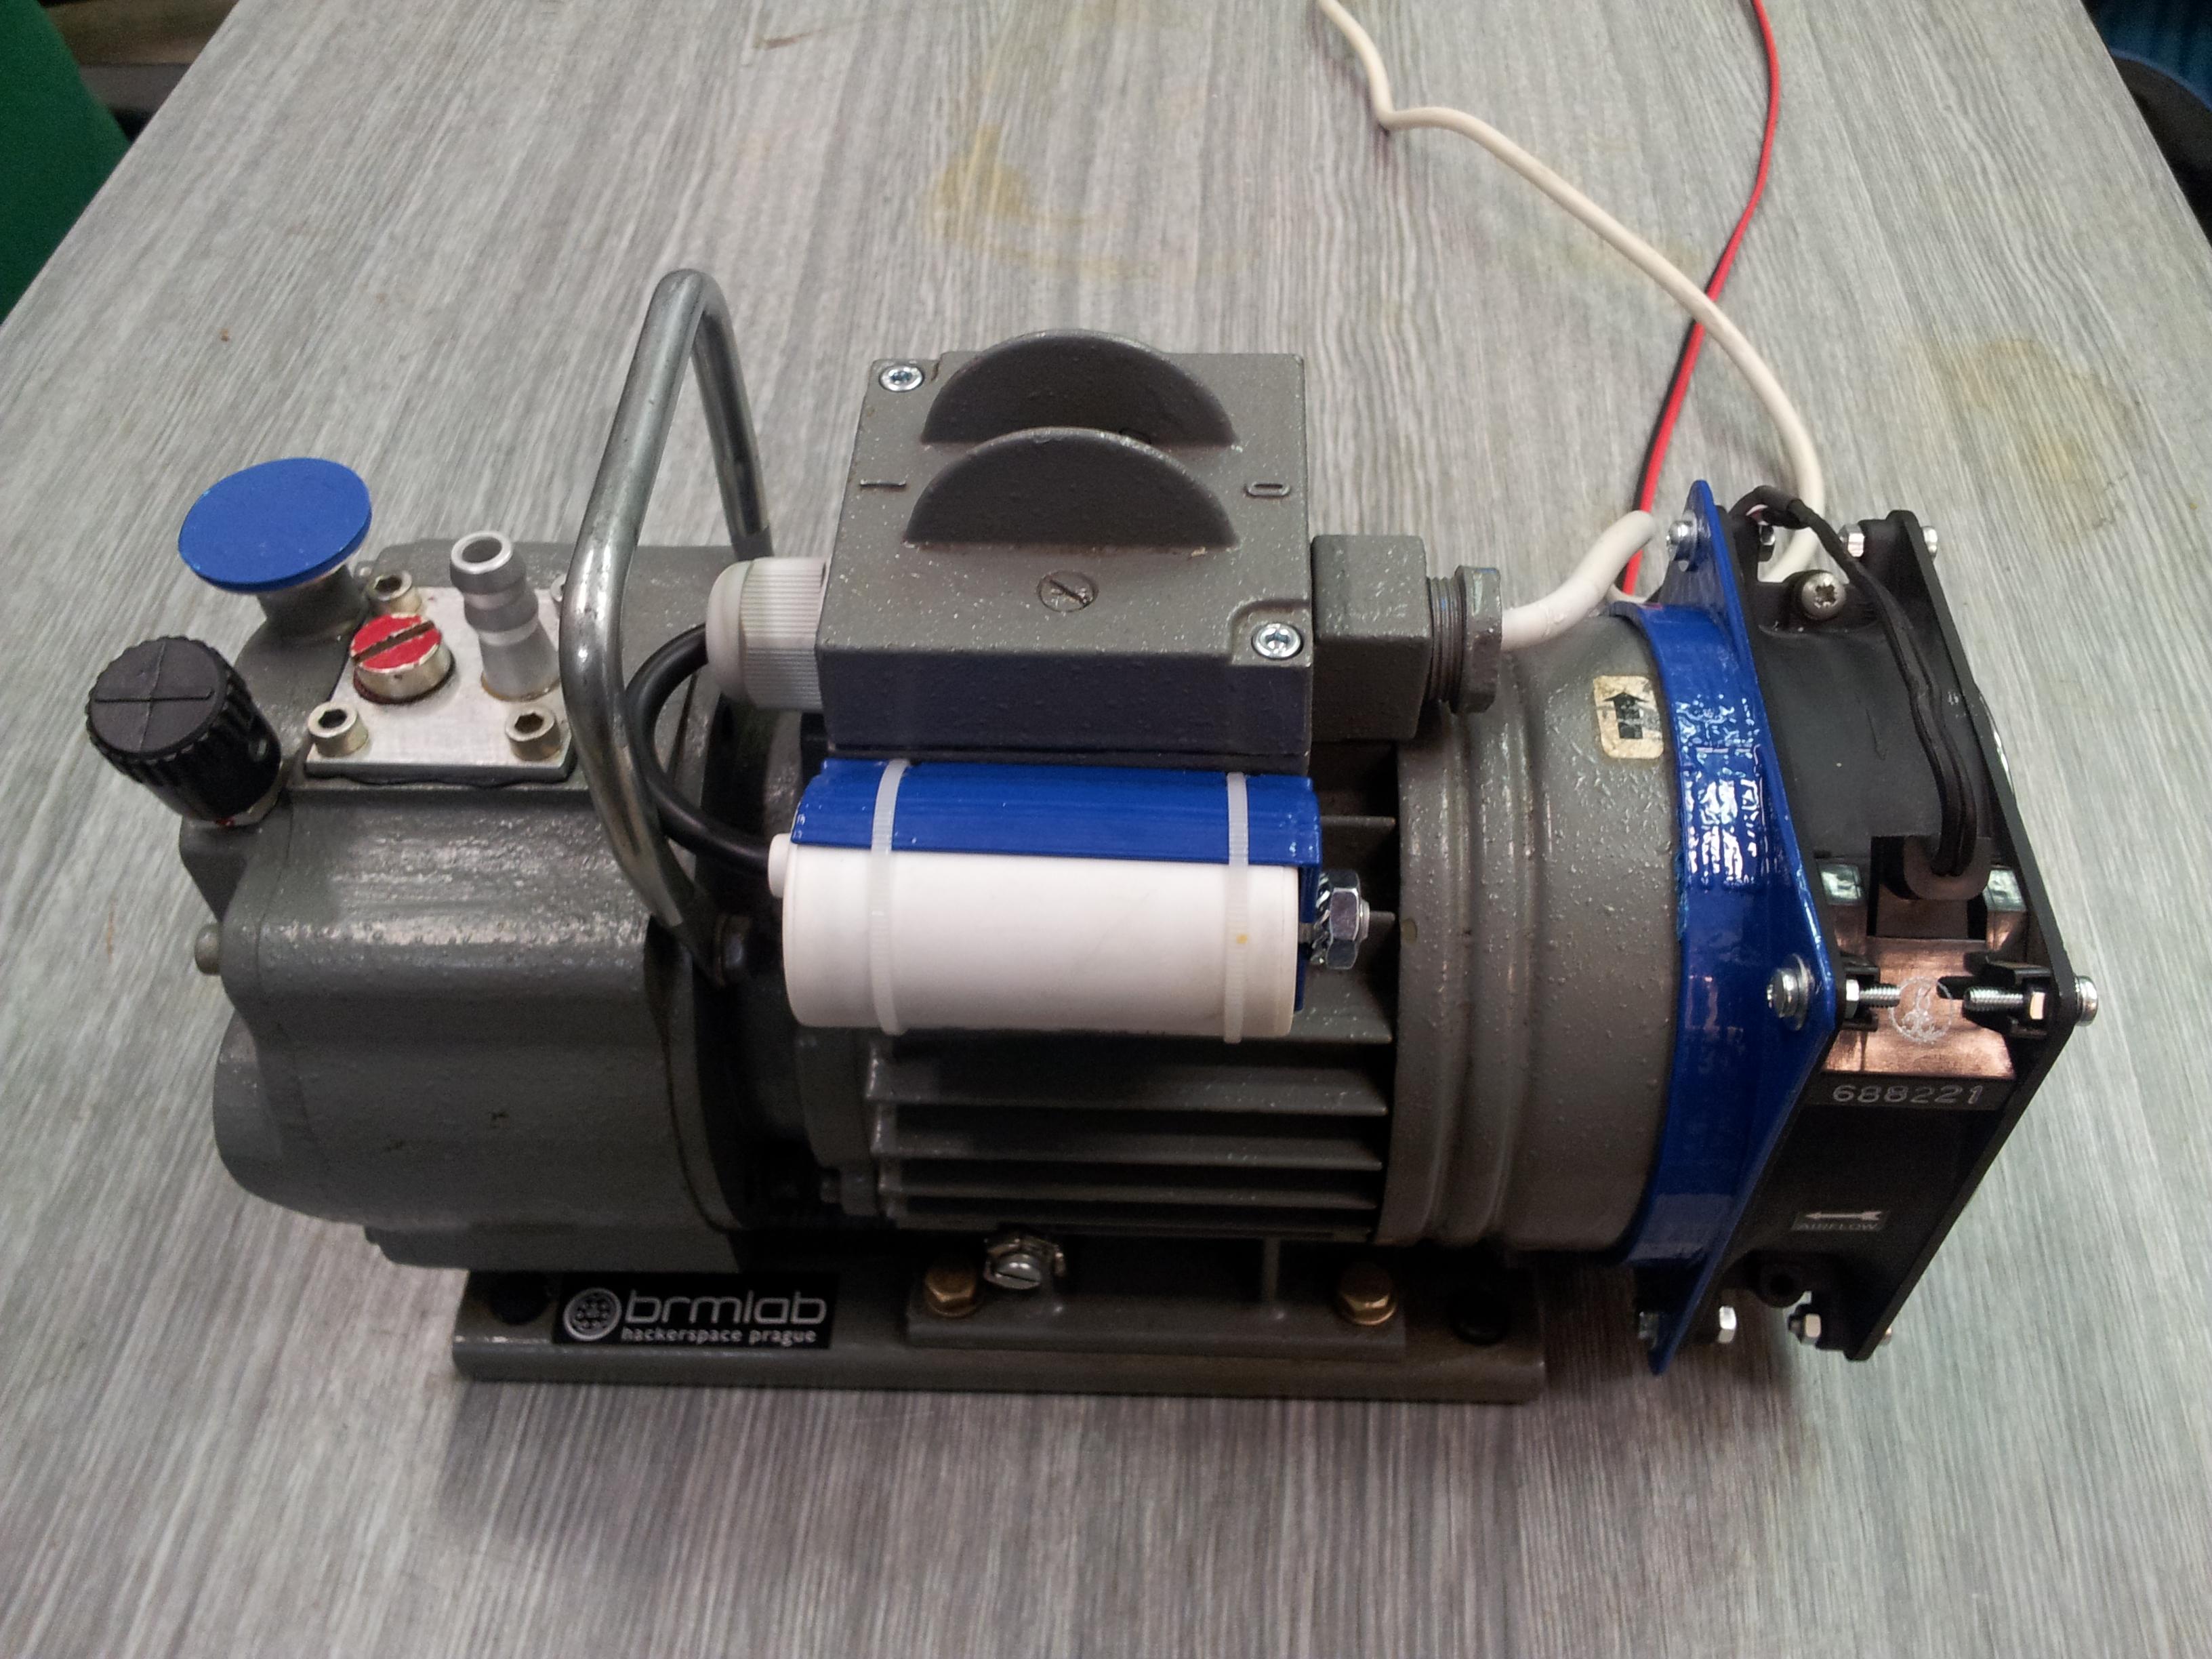 Přestaveno za pomocí 3D tiskárny a trochy šroubů. Instalován rozběhový kondenzátor 12uF a pomocný ventilátor pro zlepšení chlazení.